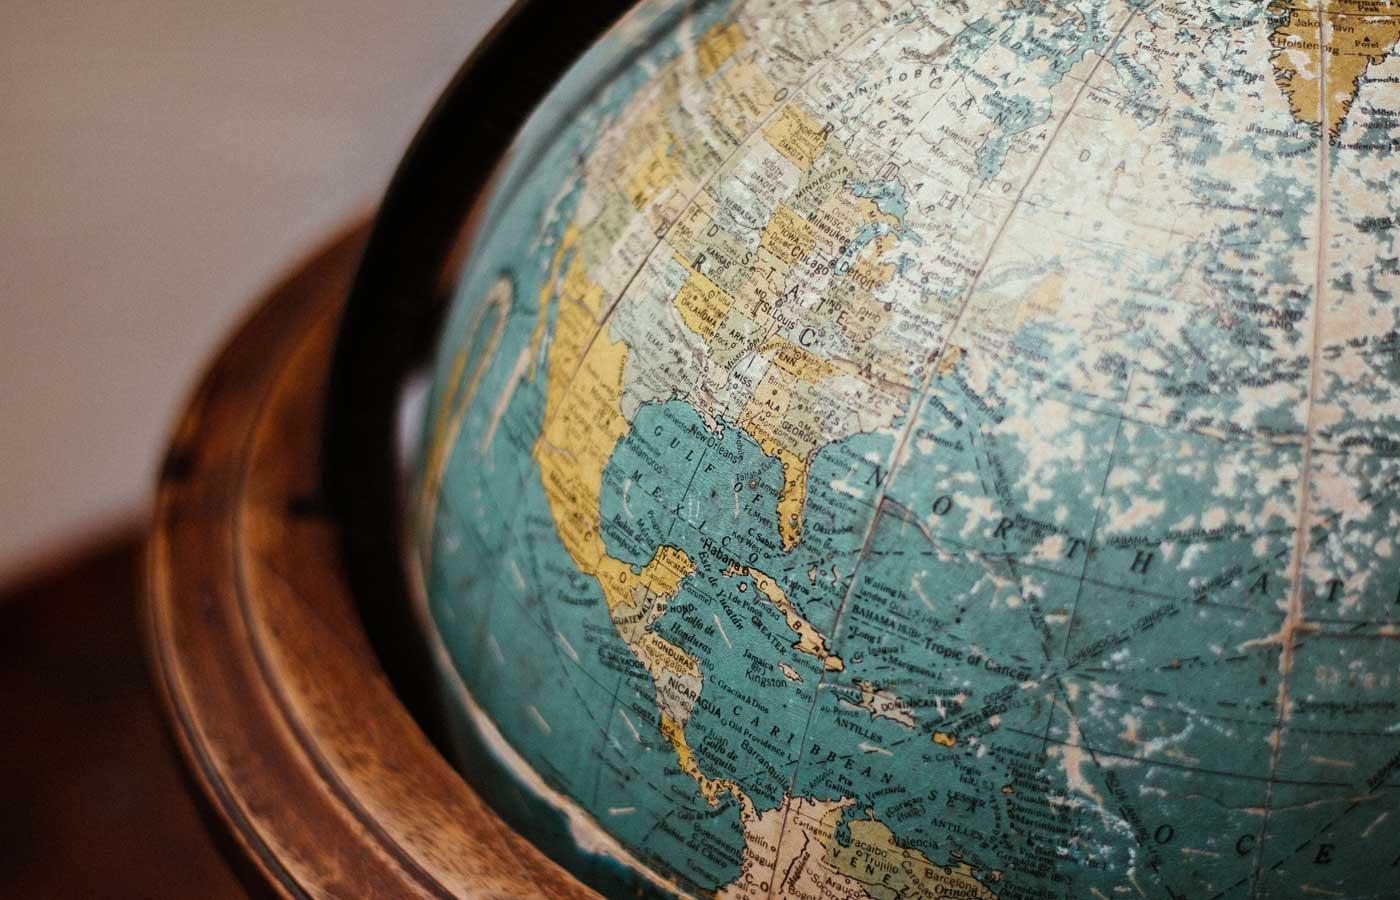 English copywriter - Globe image